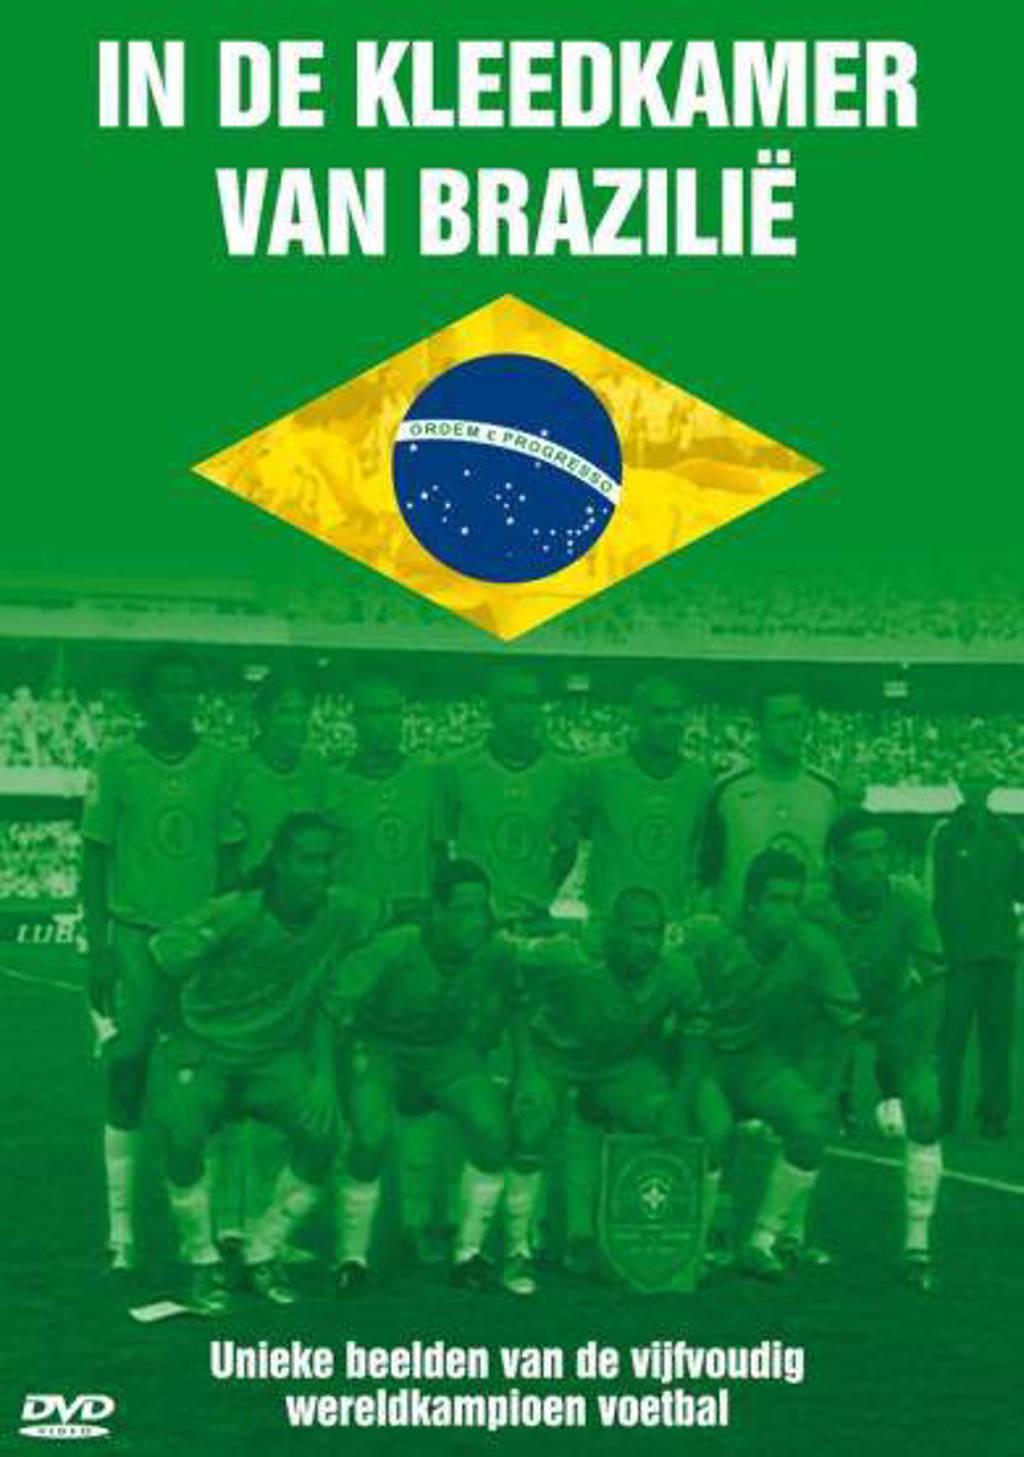 In de kleedkamer van Brazilie (DVD)